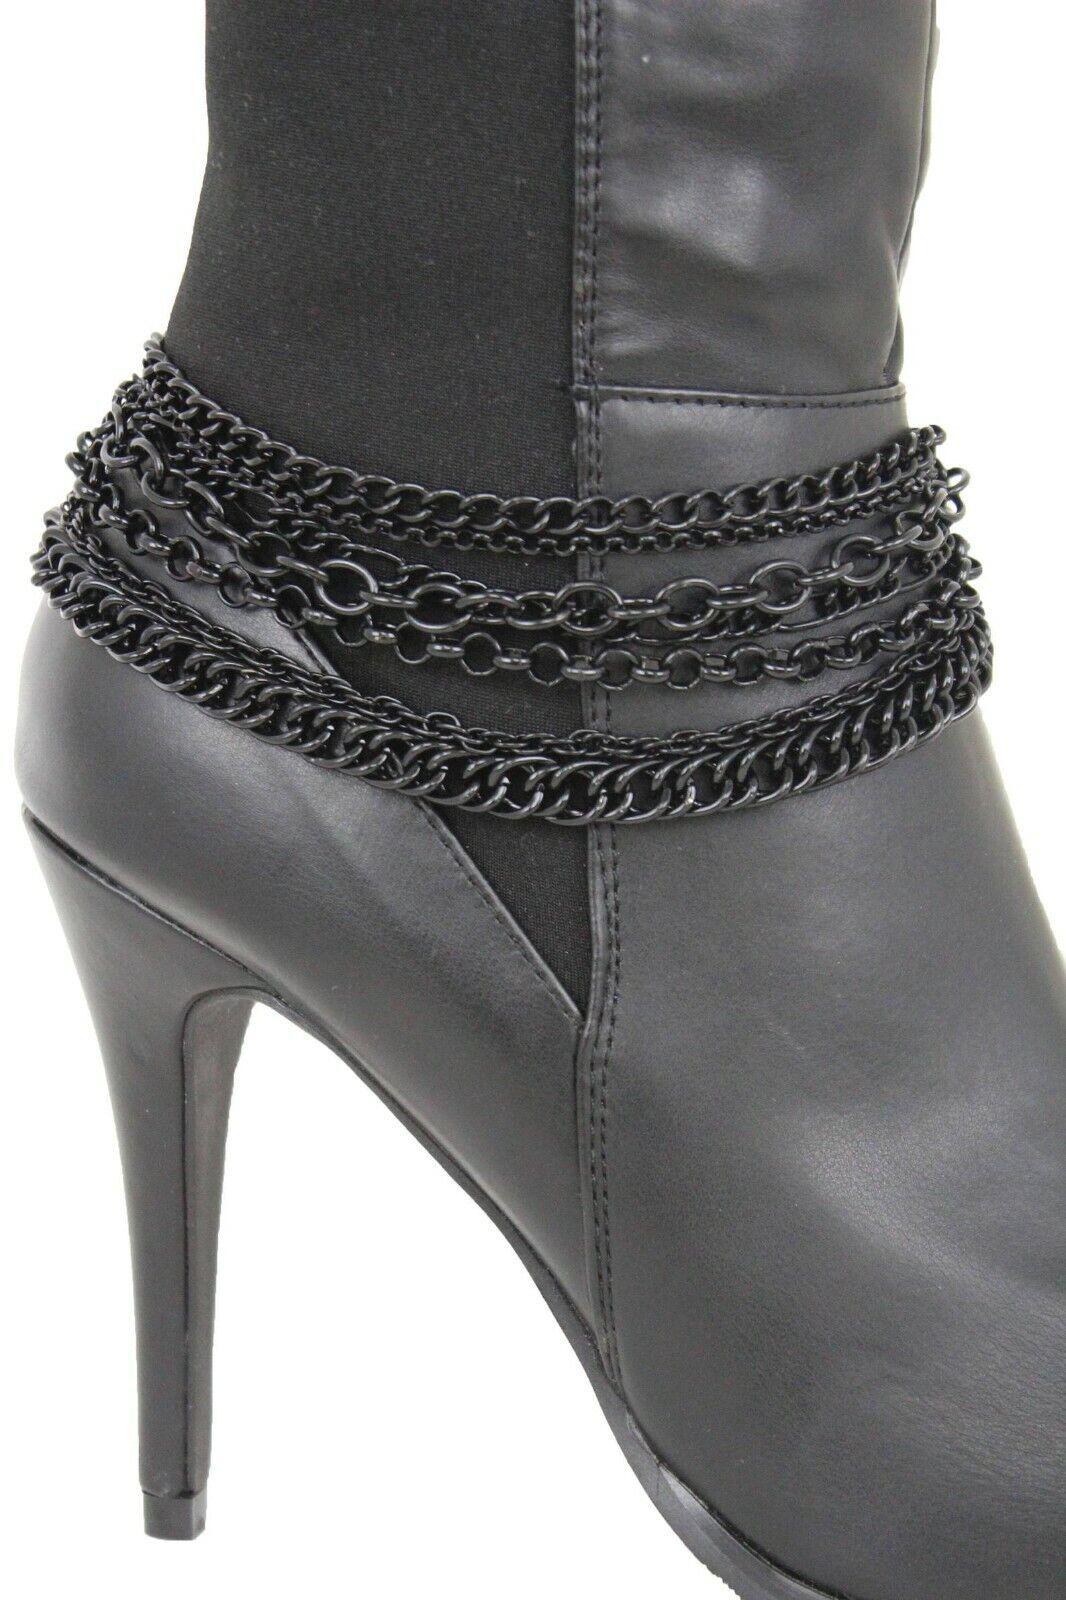 Fun Women Boot Black Metal Chain Western Fashion Bracelet Shoe Charm Multi Waves